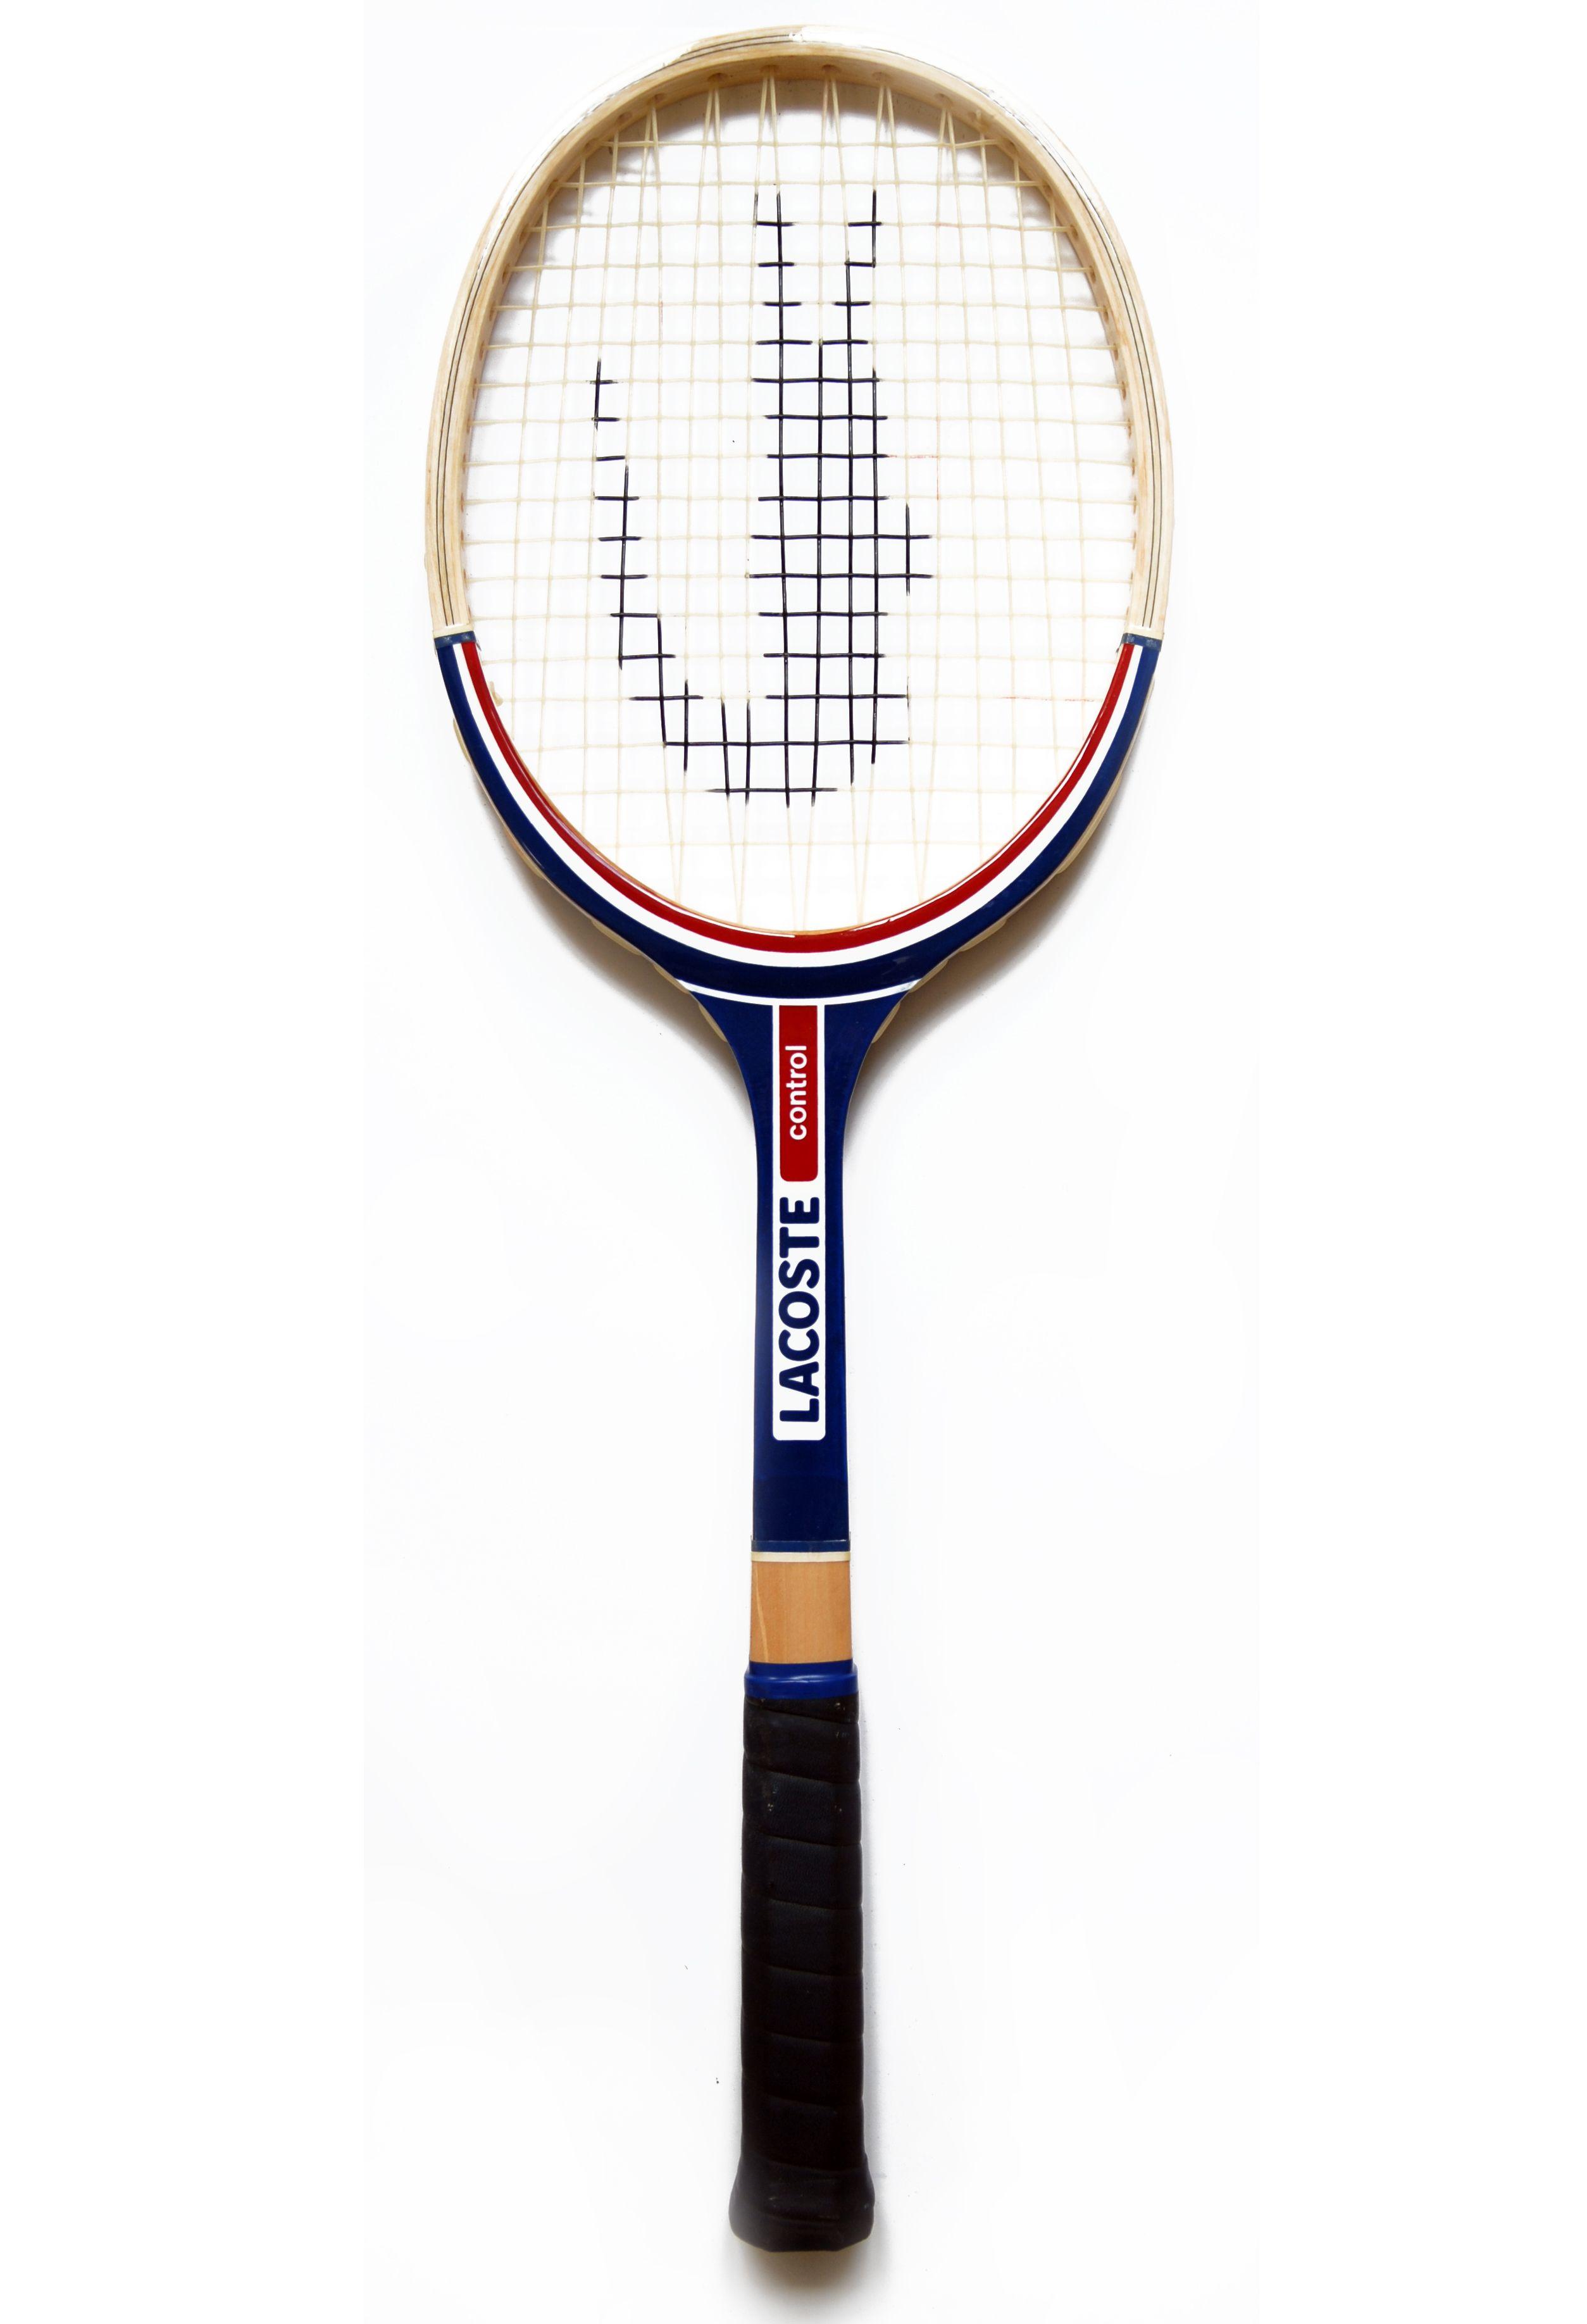 A #crocodile on a #tennis racket